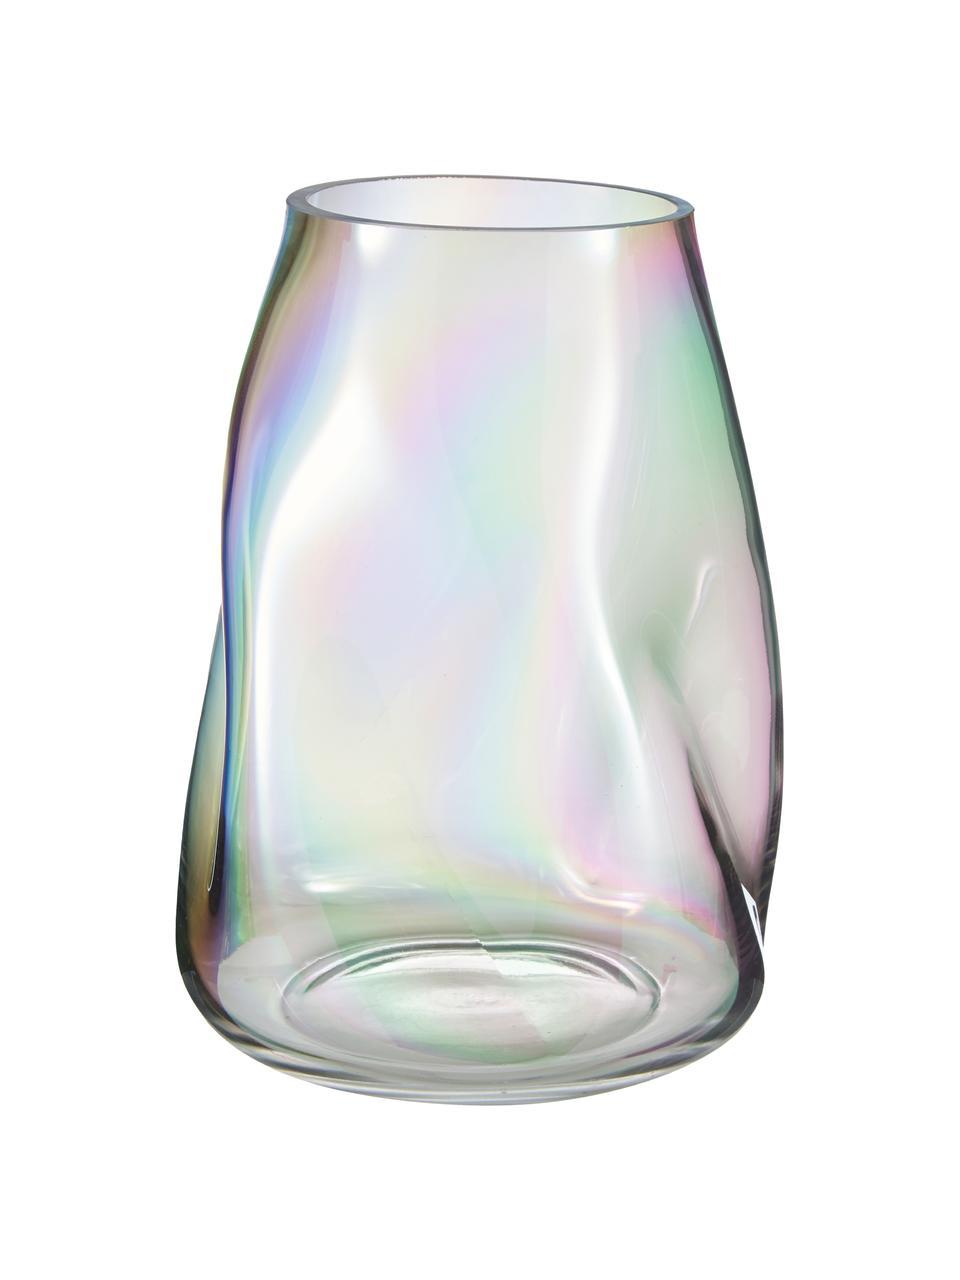 Mundgeblasene Glas-Vase Rainbow, Glas, mundgeblasen, Mehrfarbig, Ø 19 x H 26 cm